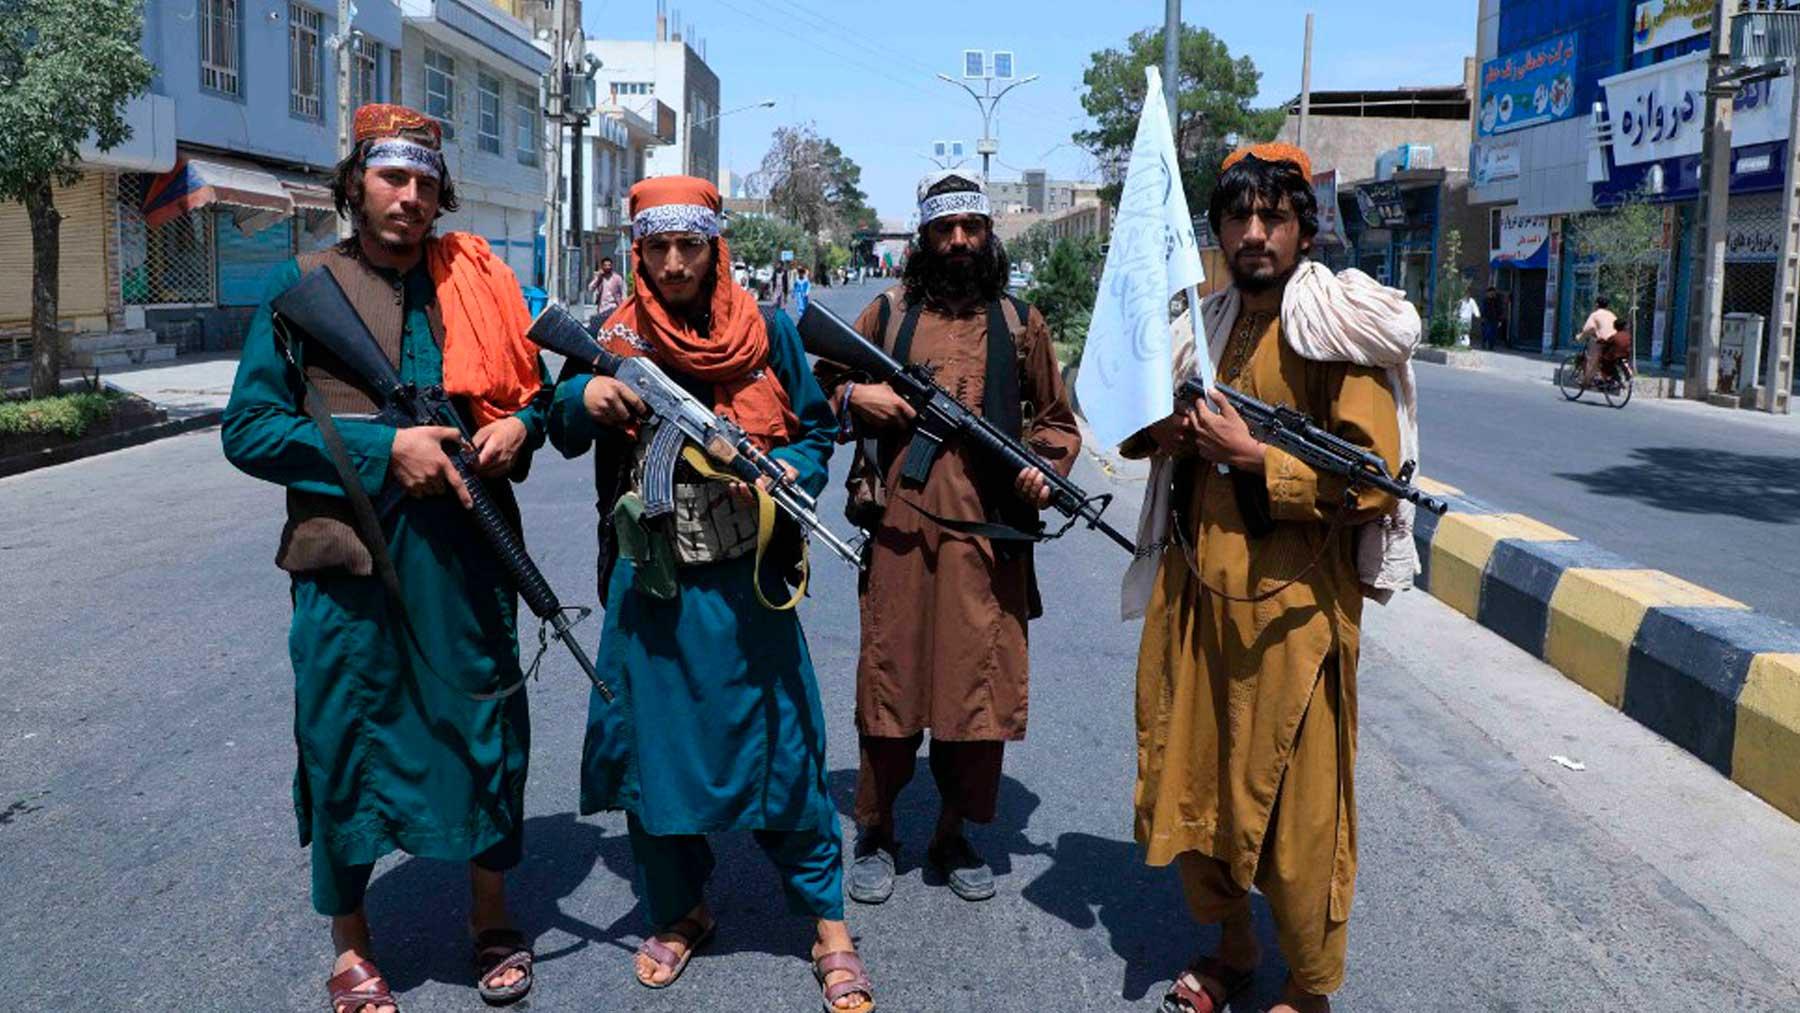 Ya empieza la masacre: los talibanes matan a tiros a un familiar de un periodista  afgano de Deutsche Welle - Noticias de última hora sobre la actualidad de  Catalunya y España, Barça,